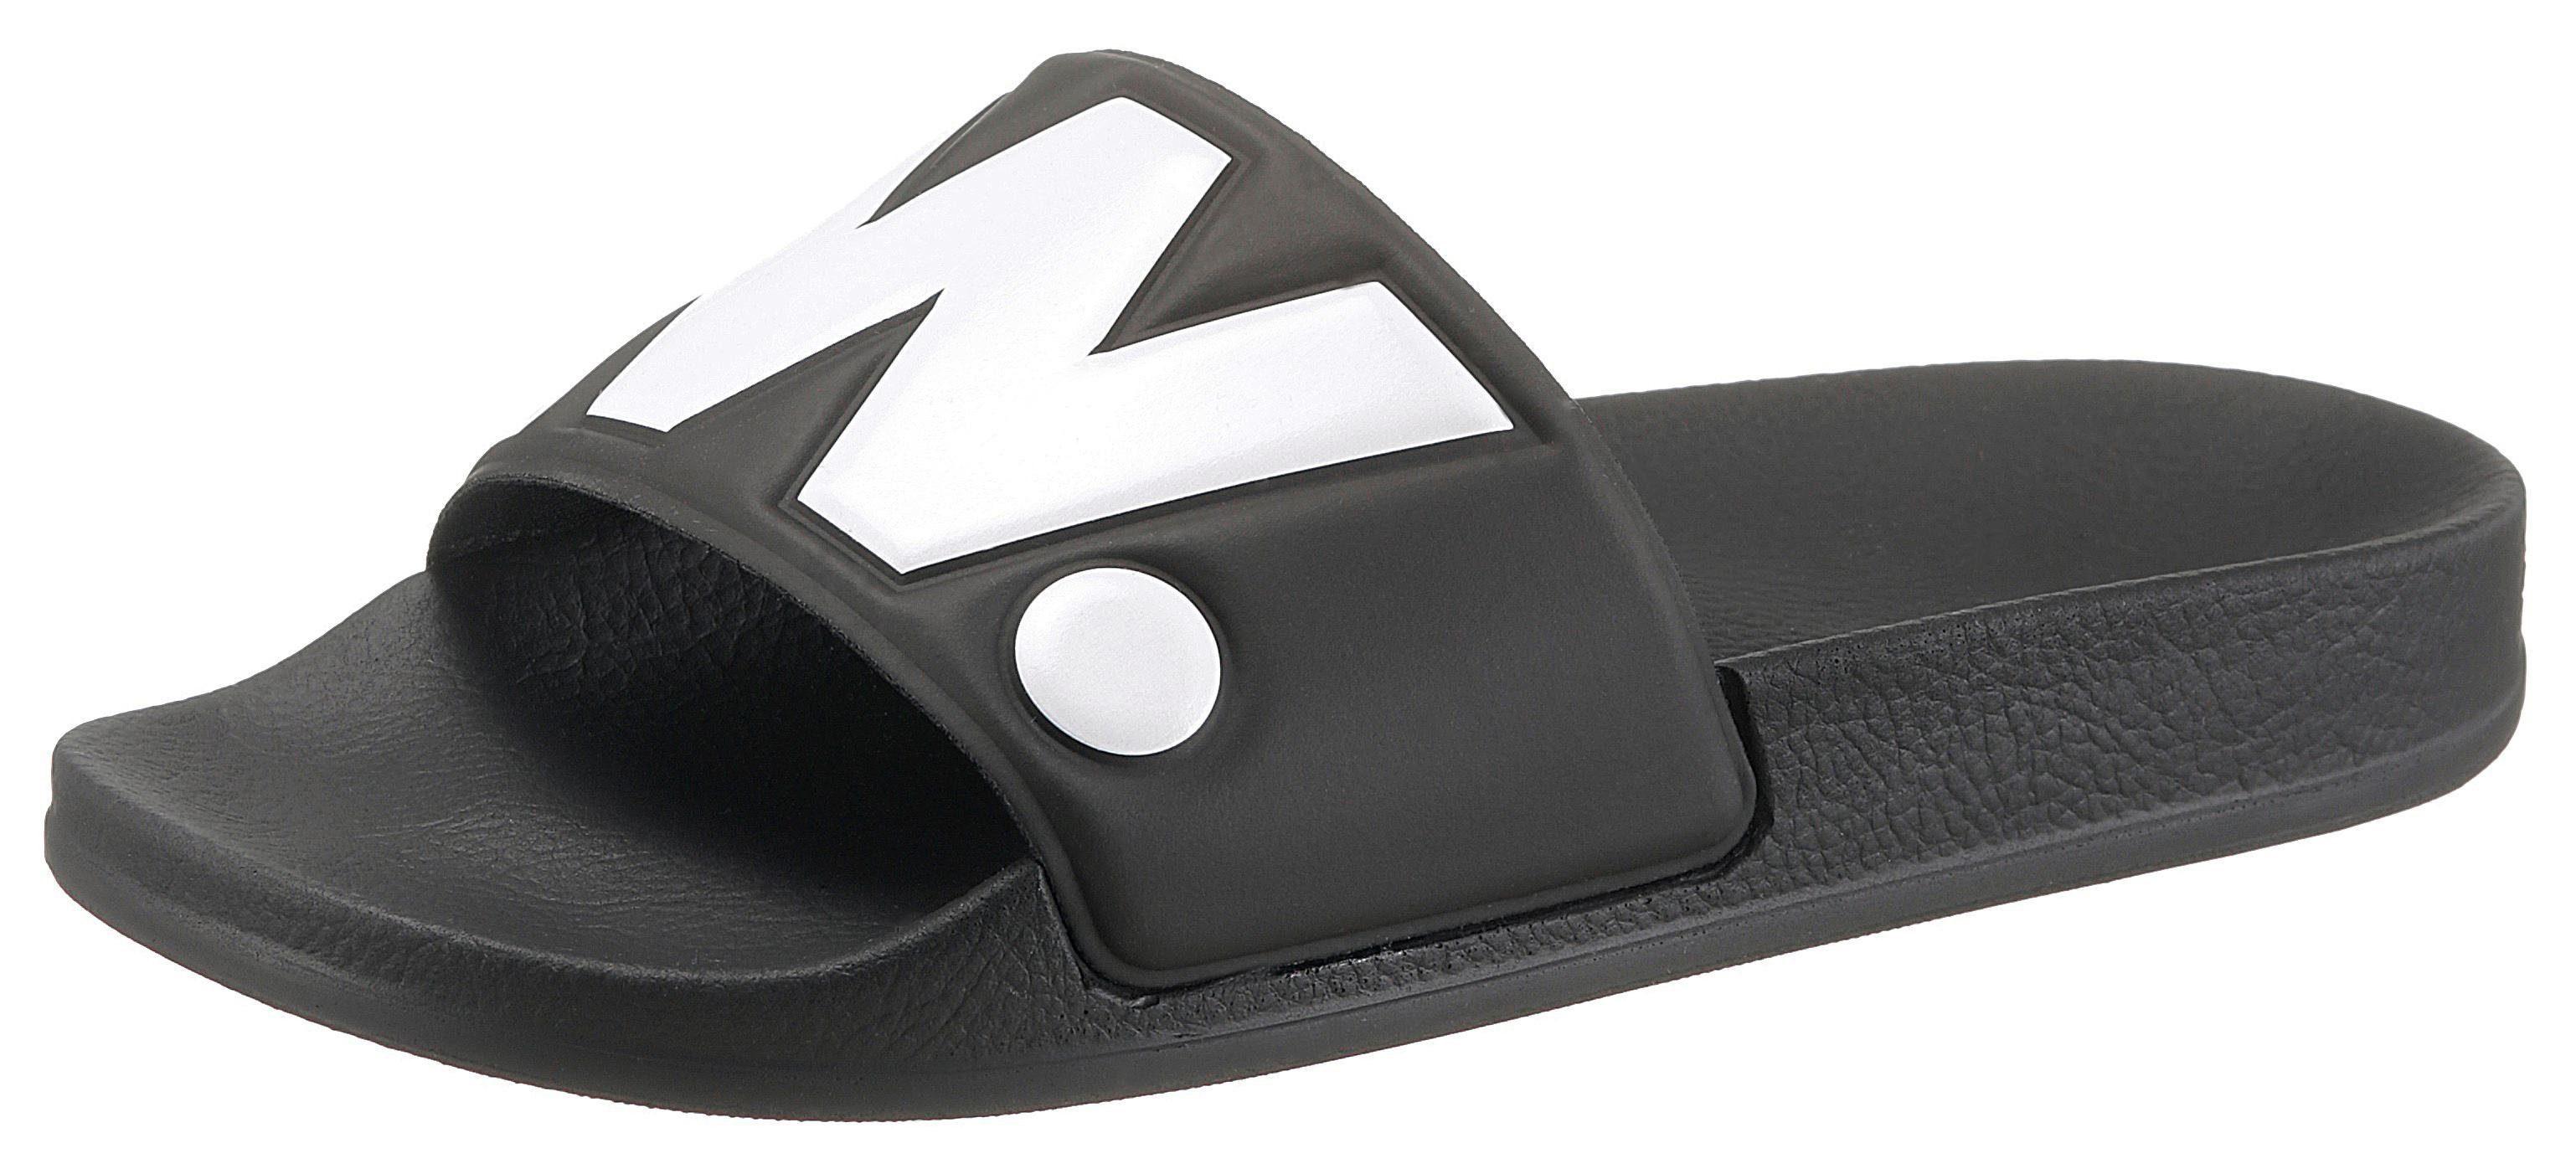 G-Star RAW Cart Slide Badepantolette, im Kontrast-Look online kaufen  schwarz-weiß